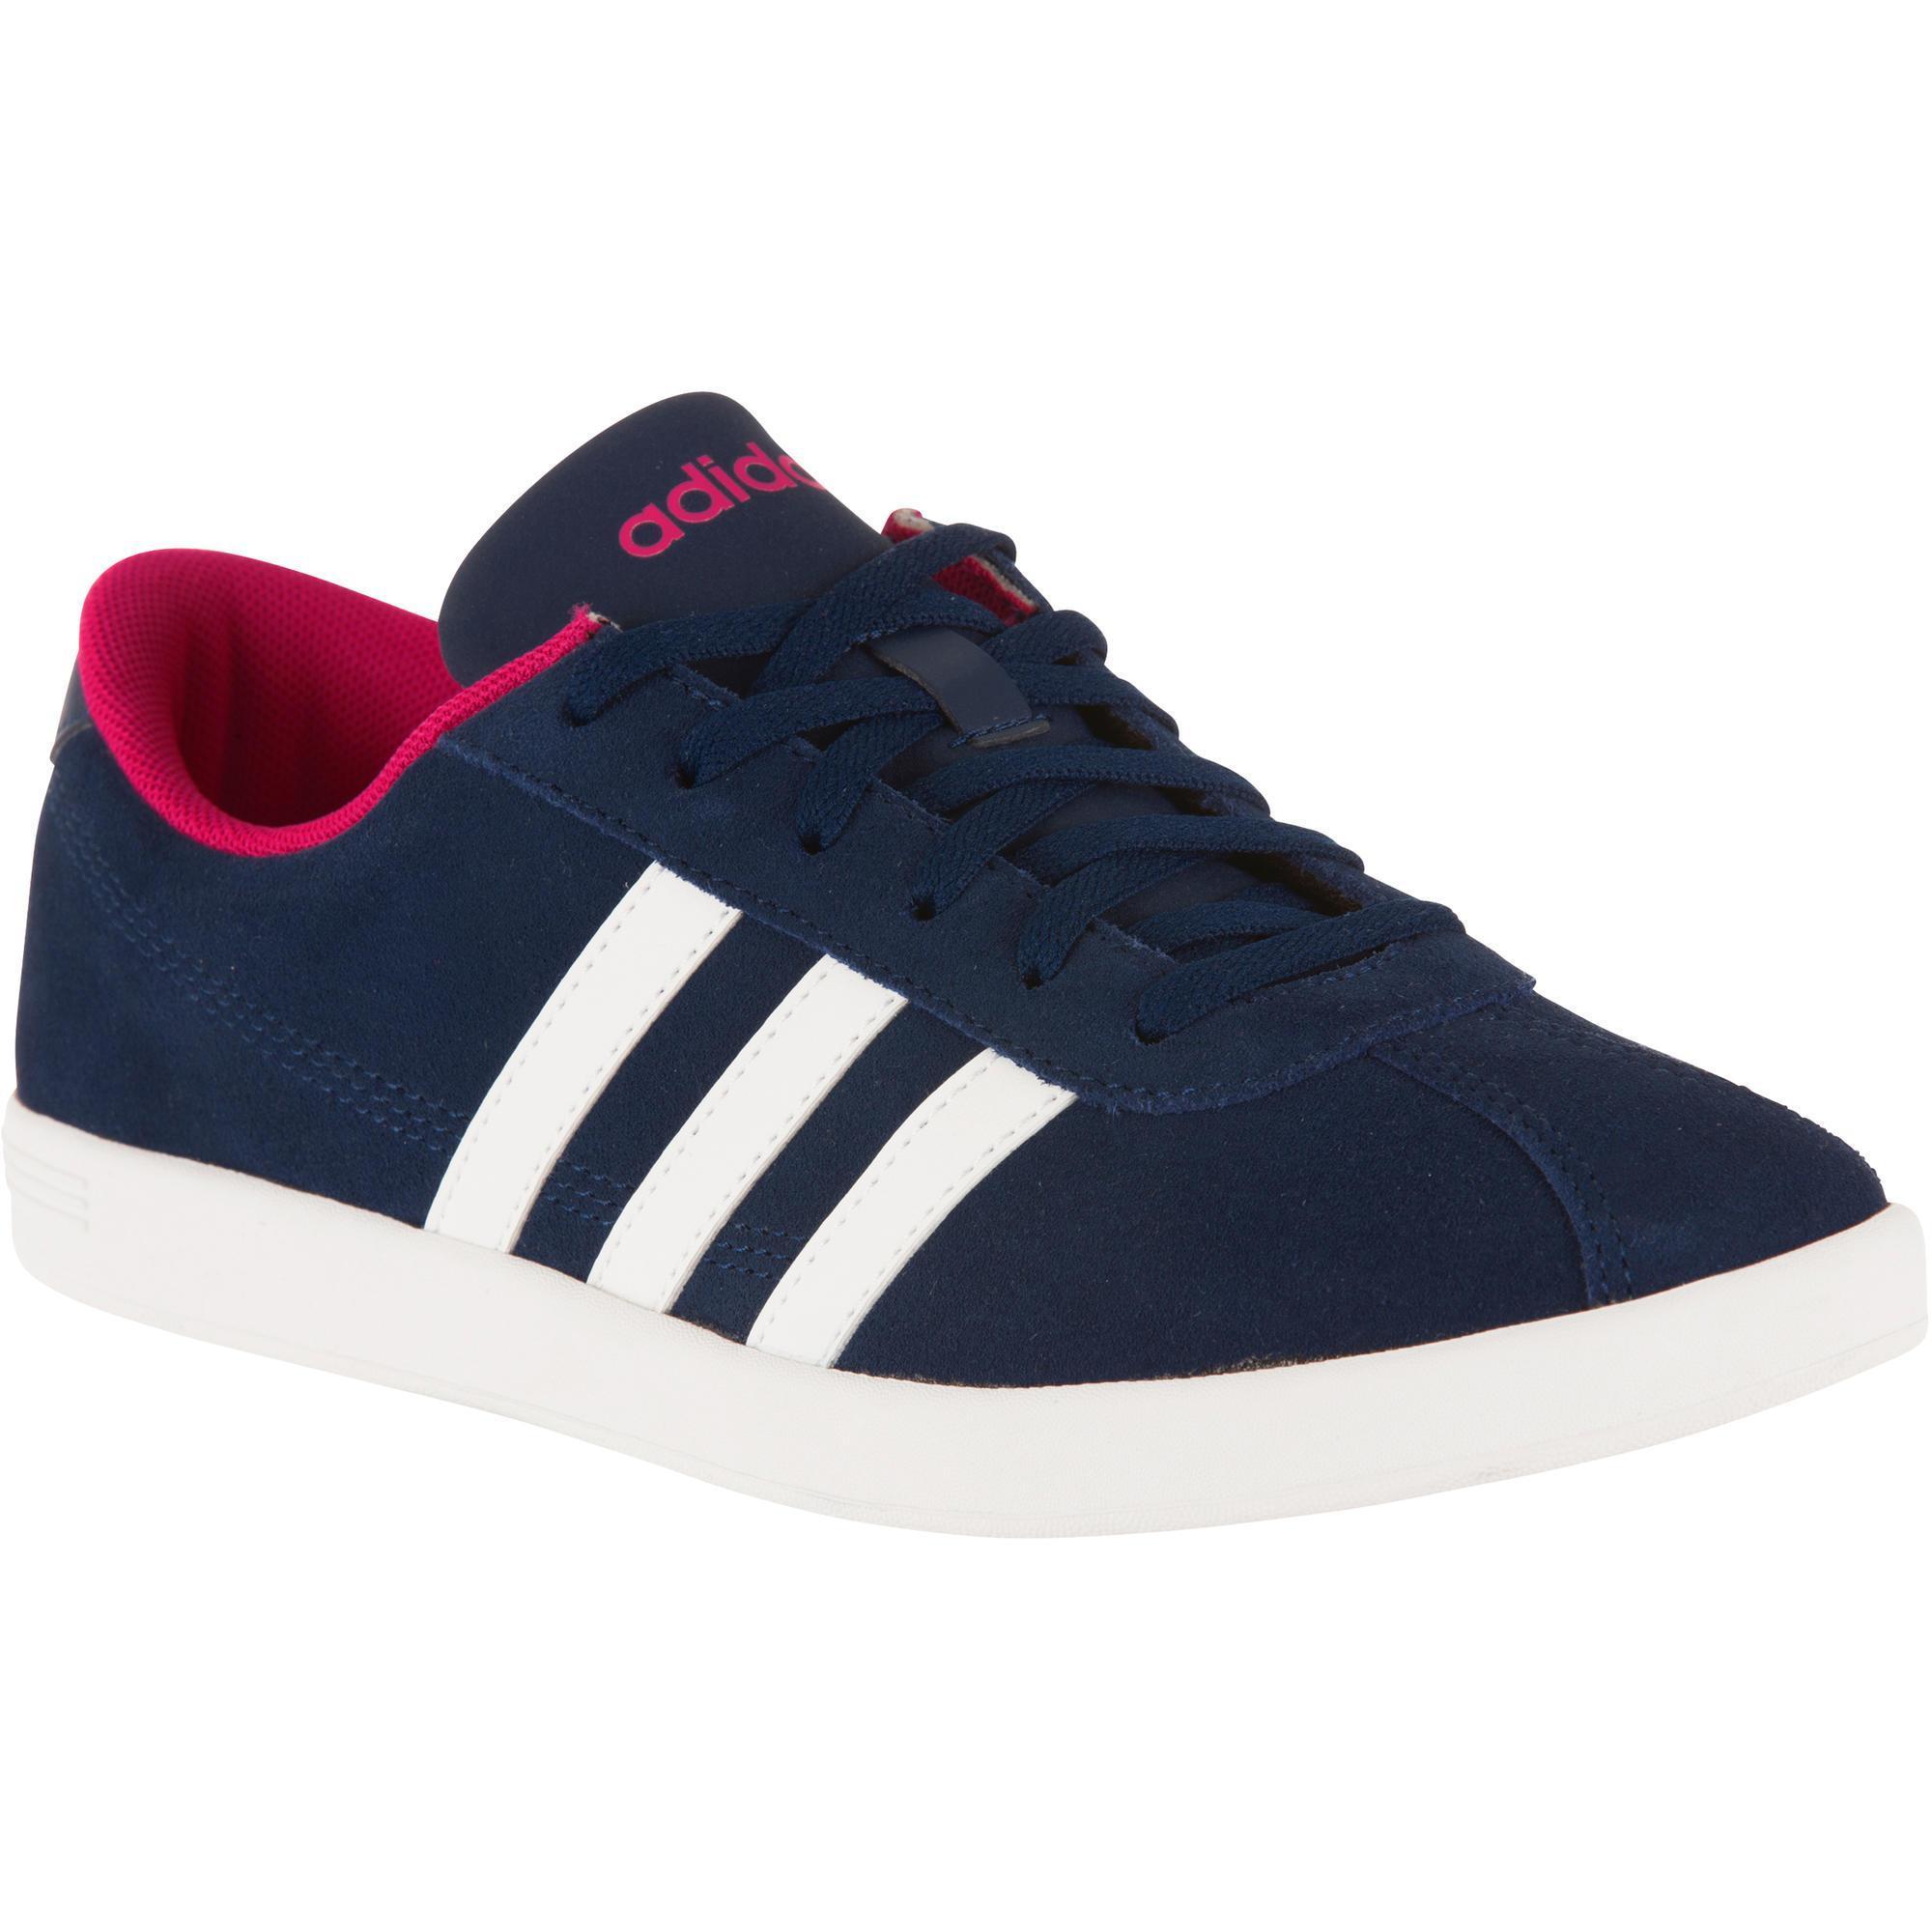 Tennisschoenen voor dames Vlcourt blauw-roze